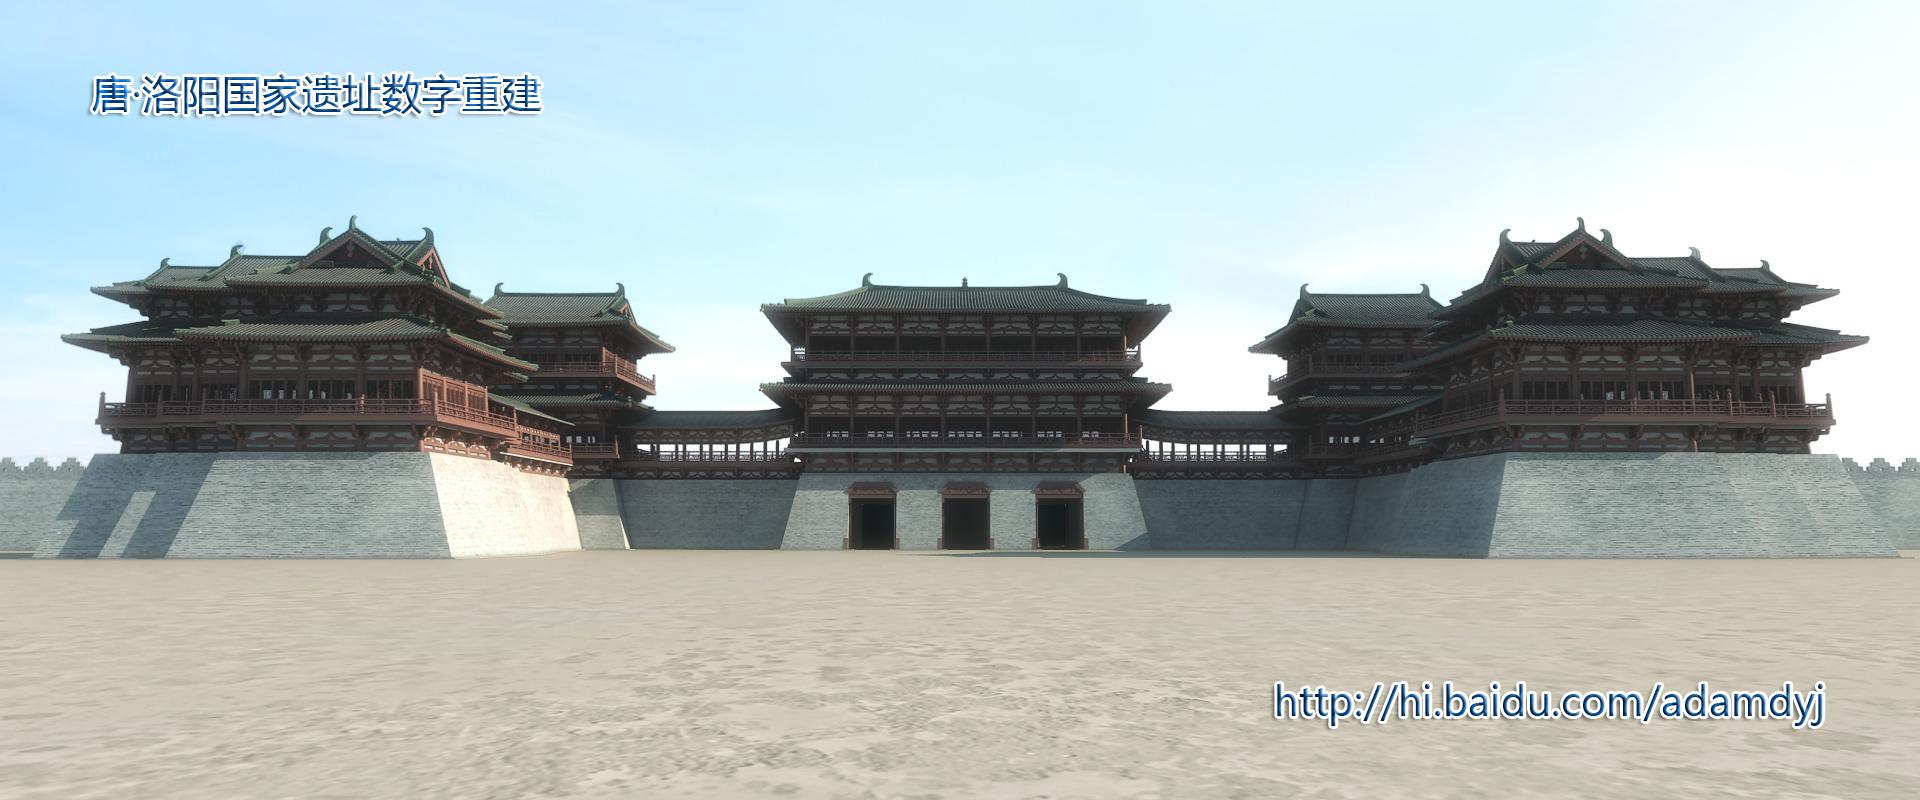 中国首座三出阙式宫门-隋唐洛阳皇宫应天门重建工程4图片